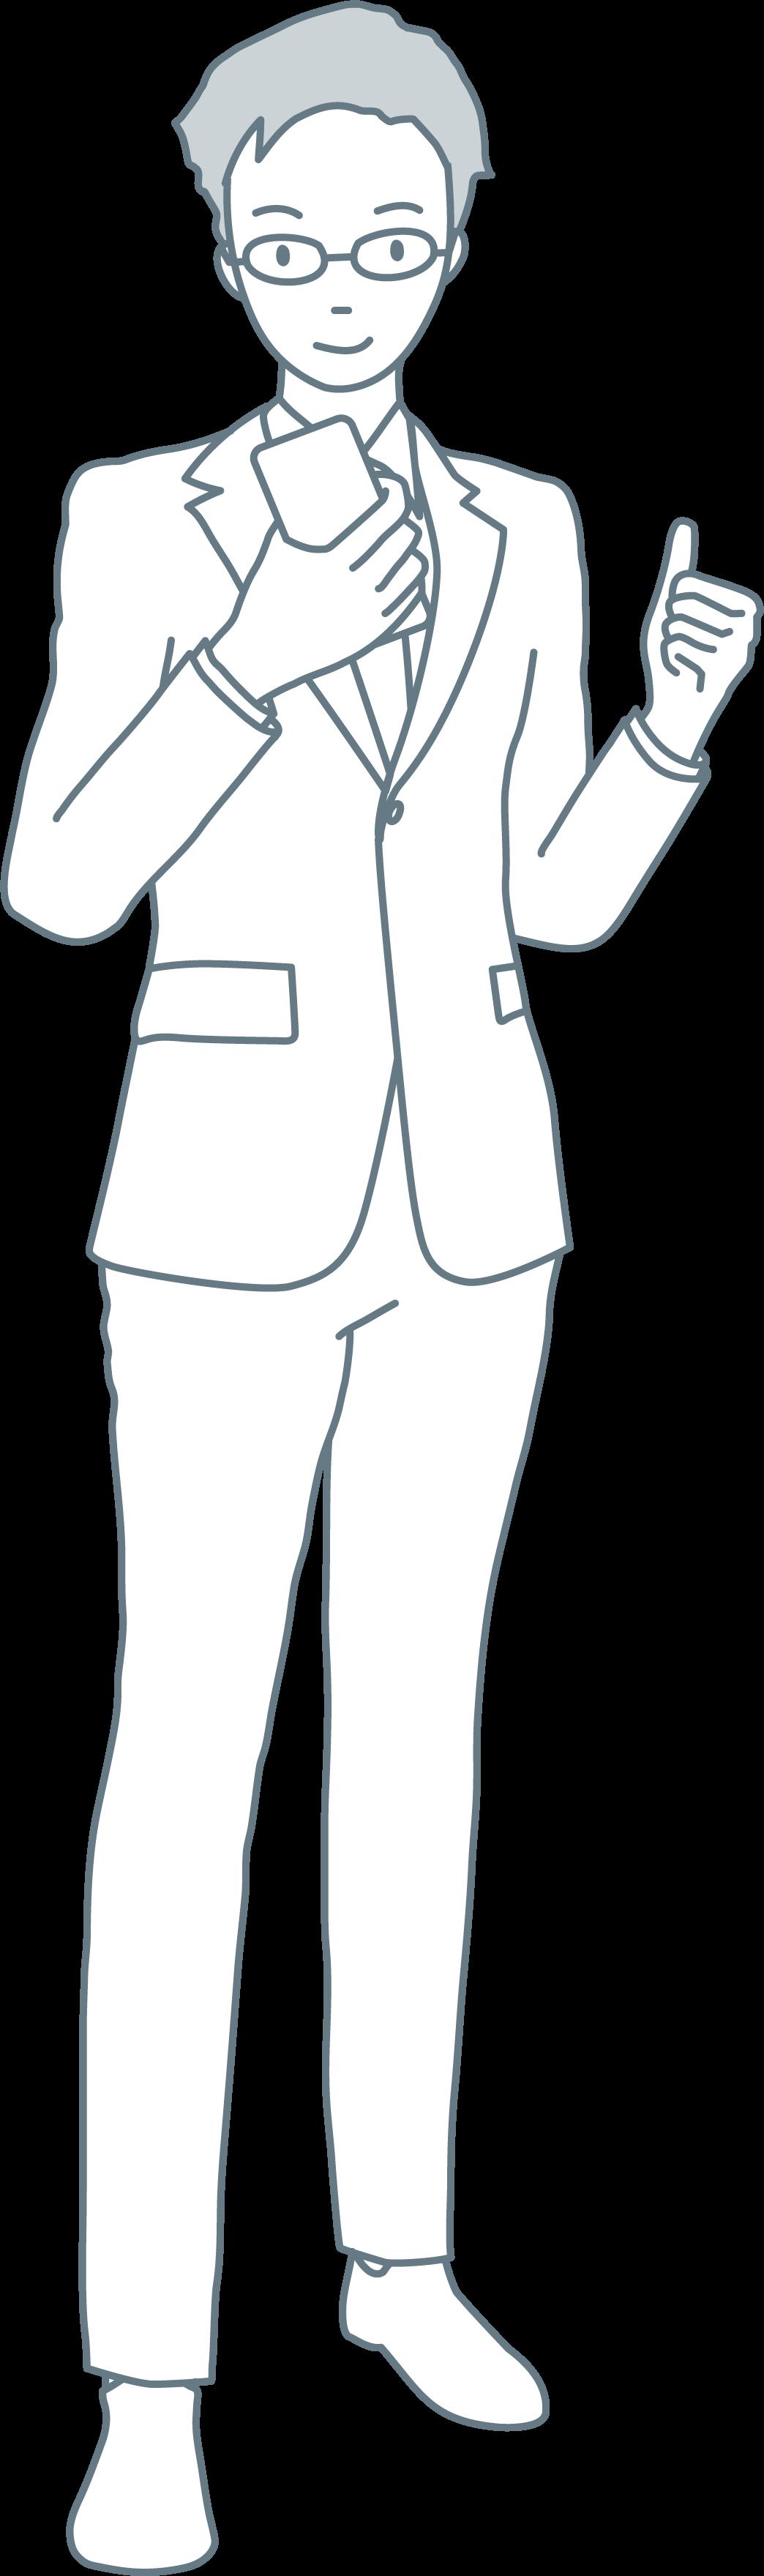 contrfinder-illustration__people-solved-2